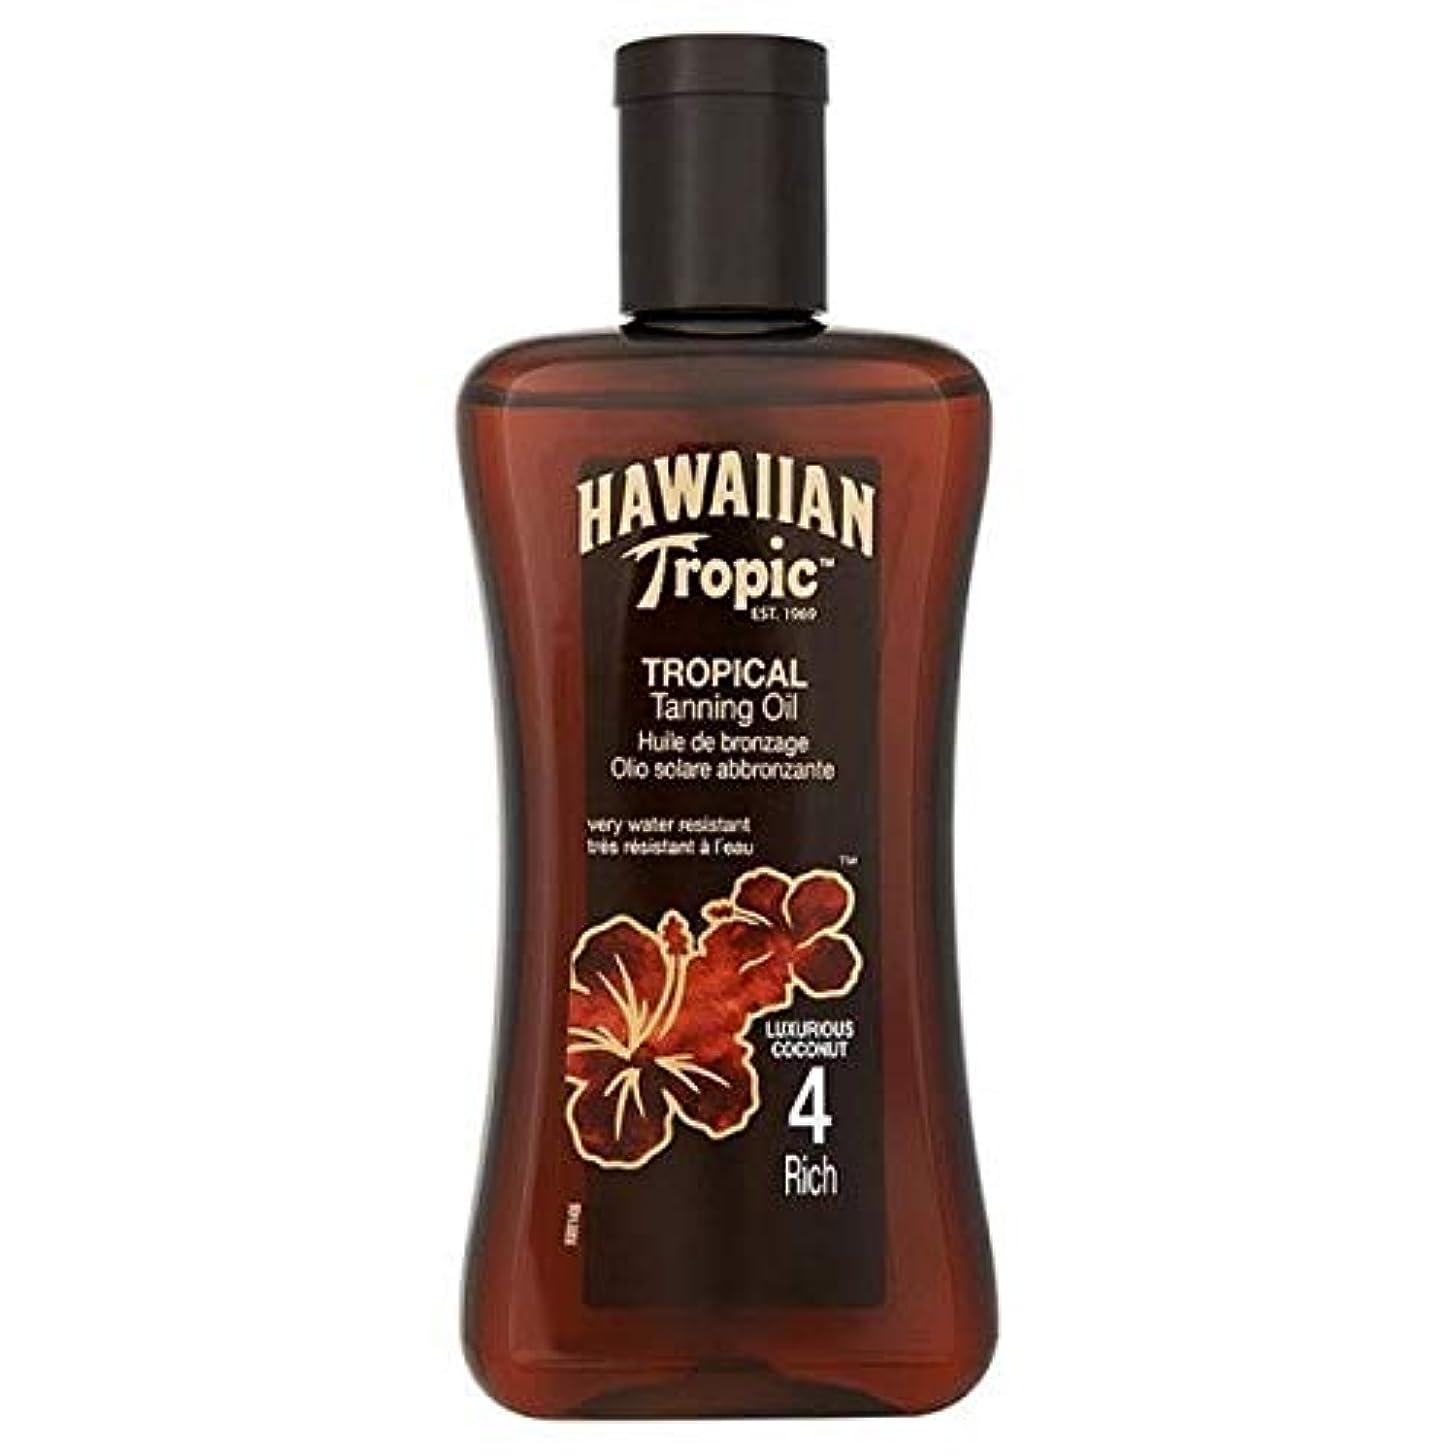 投資する葉を拾う任命[Hawaiian Tropic ] 南国ハワイ専門の日焼けオイルの豊富な4 200ミリリットル - Hawaiian Tropic Professional Tanning Oil Rich 4 200ml [並行輸入品]